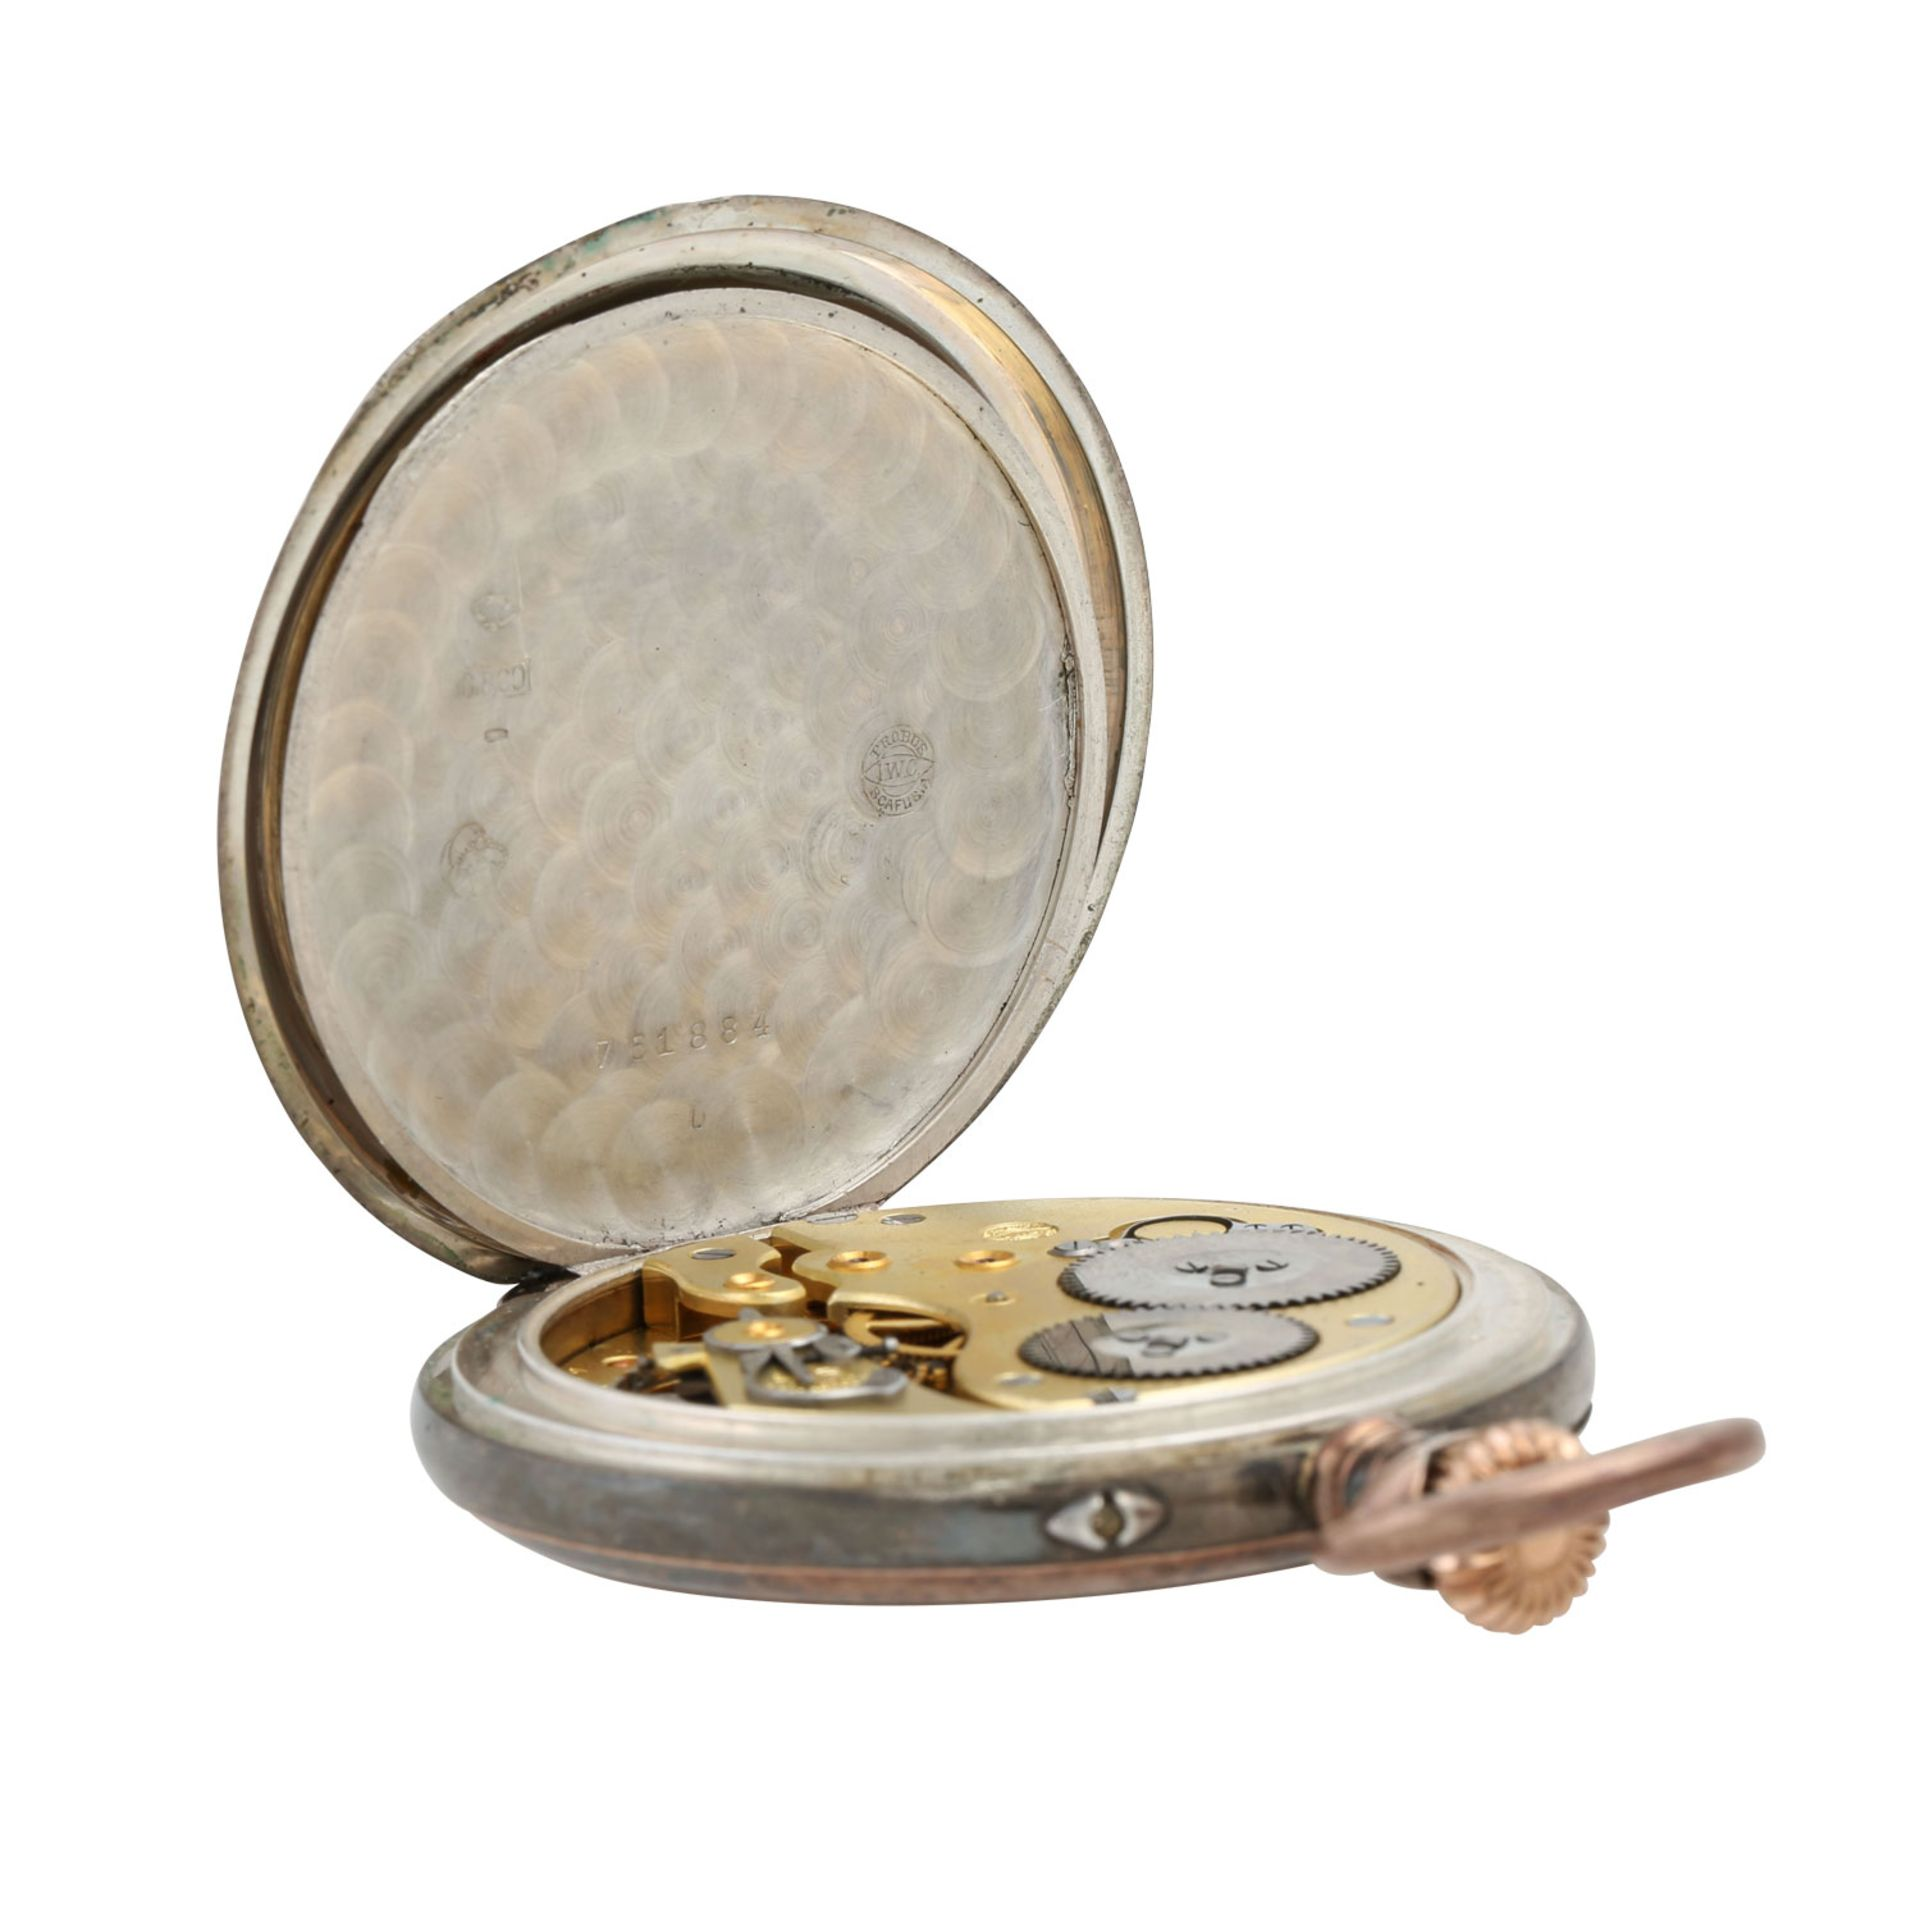 IWC Lepine Taschenuhr. - Bild 5 aus 7